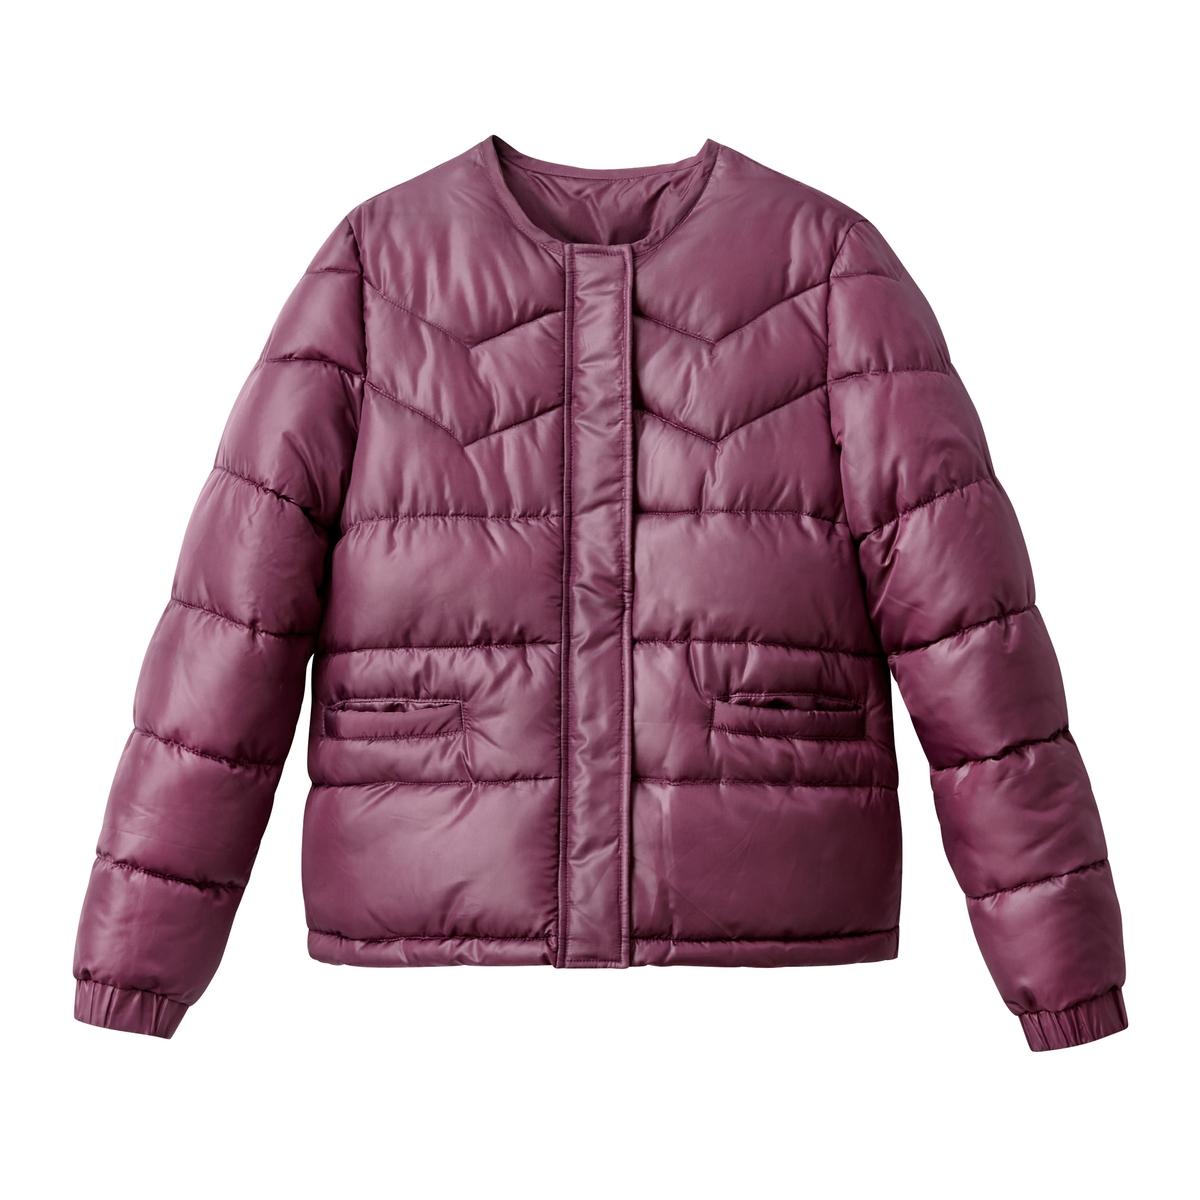 Куртка с круглым вырезомОписание:Вам придется по вкусу дизайн этой куртки, которая легко сочетается с любой одеждой . Это незаменимая вещь на зимний период .Детали •  Длина : укороченная  •  Круглый вырез •  Застежка на молниюСостав и уход •  100% полиэстер •  Подкладка : 100% полиэстер • Не стирать •  Любые растворители / не отбеливать   •  Не использовать барабанную сушку  •  Не гладить •  Длина : 62 см<br><br>Цвет: фиолетовый,черный<br>Размер: 52 (FR) - 58 (RUS).38 (FR) - 44 (RUS).46 (FR) - 52 (RUS).42 (FR) - 48 (RUS).38 (FR) - 44 (RUS).52 (FR) - 58 (RUS).50 (FR) - 56 (RUS).44 (FR) - 50 (RUS).42 (FR) - 48 (RUS).36 (FR) - 42 (RUS)